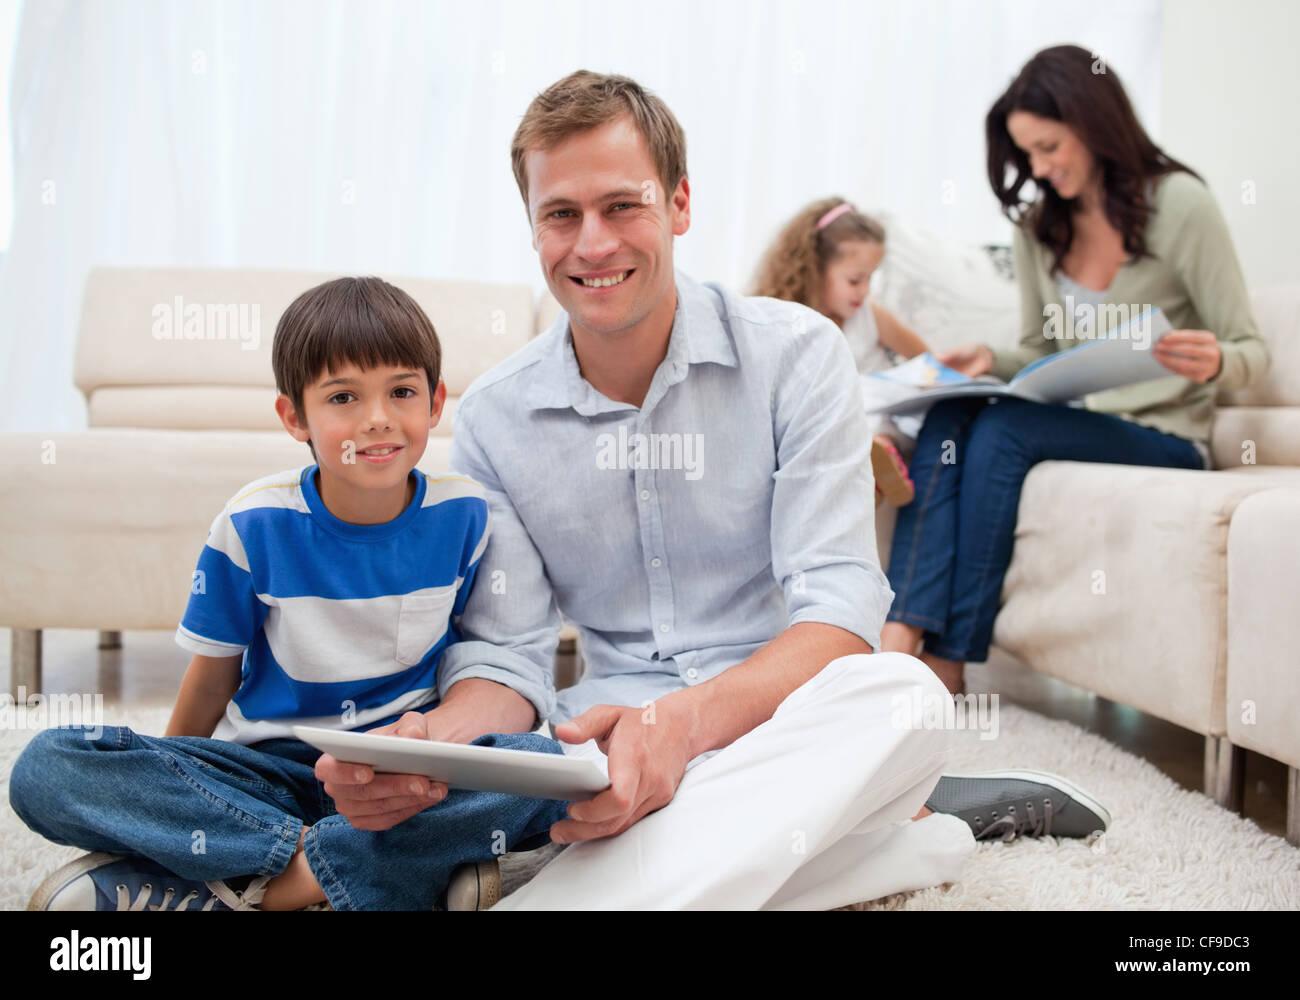 La famiglia trascorrere del tempo libero nel soggiorno Immagini Stock